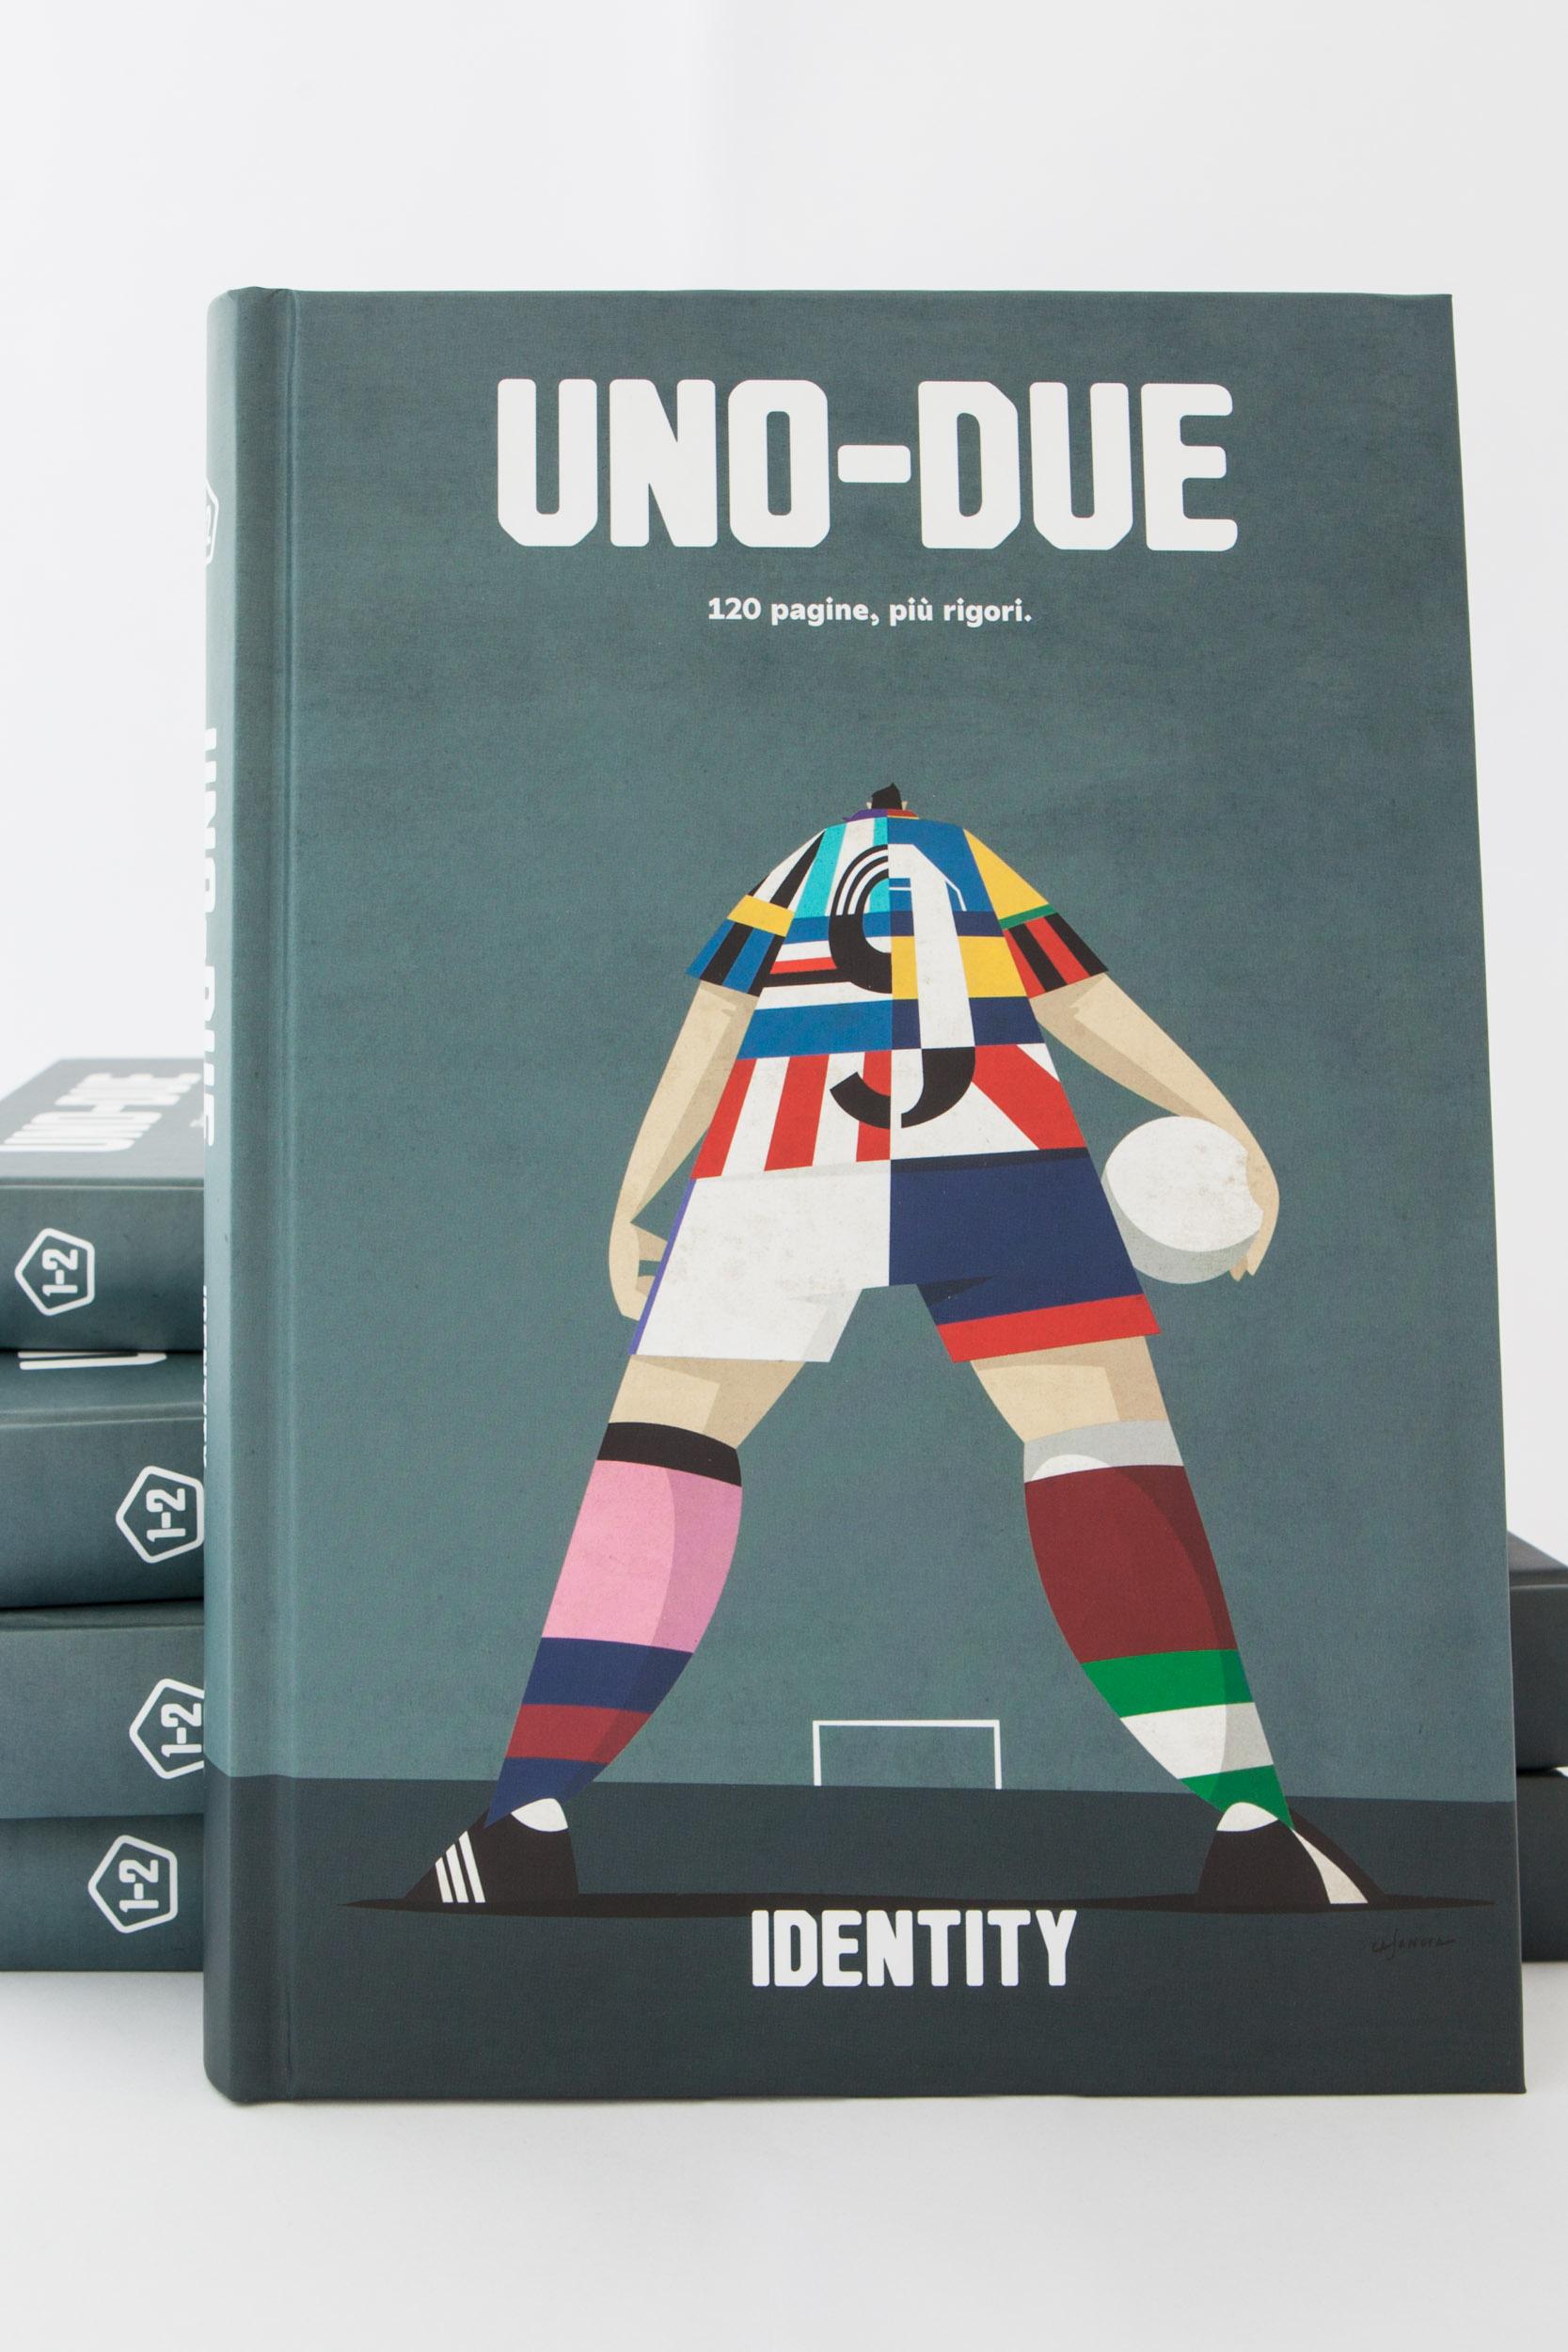 001-Altrove-Identity-Uno_Due-Gabriele_Lungarella-_MG_9020.jpg